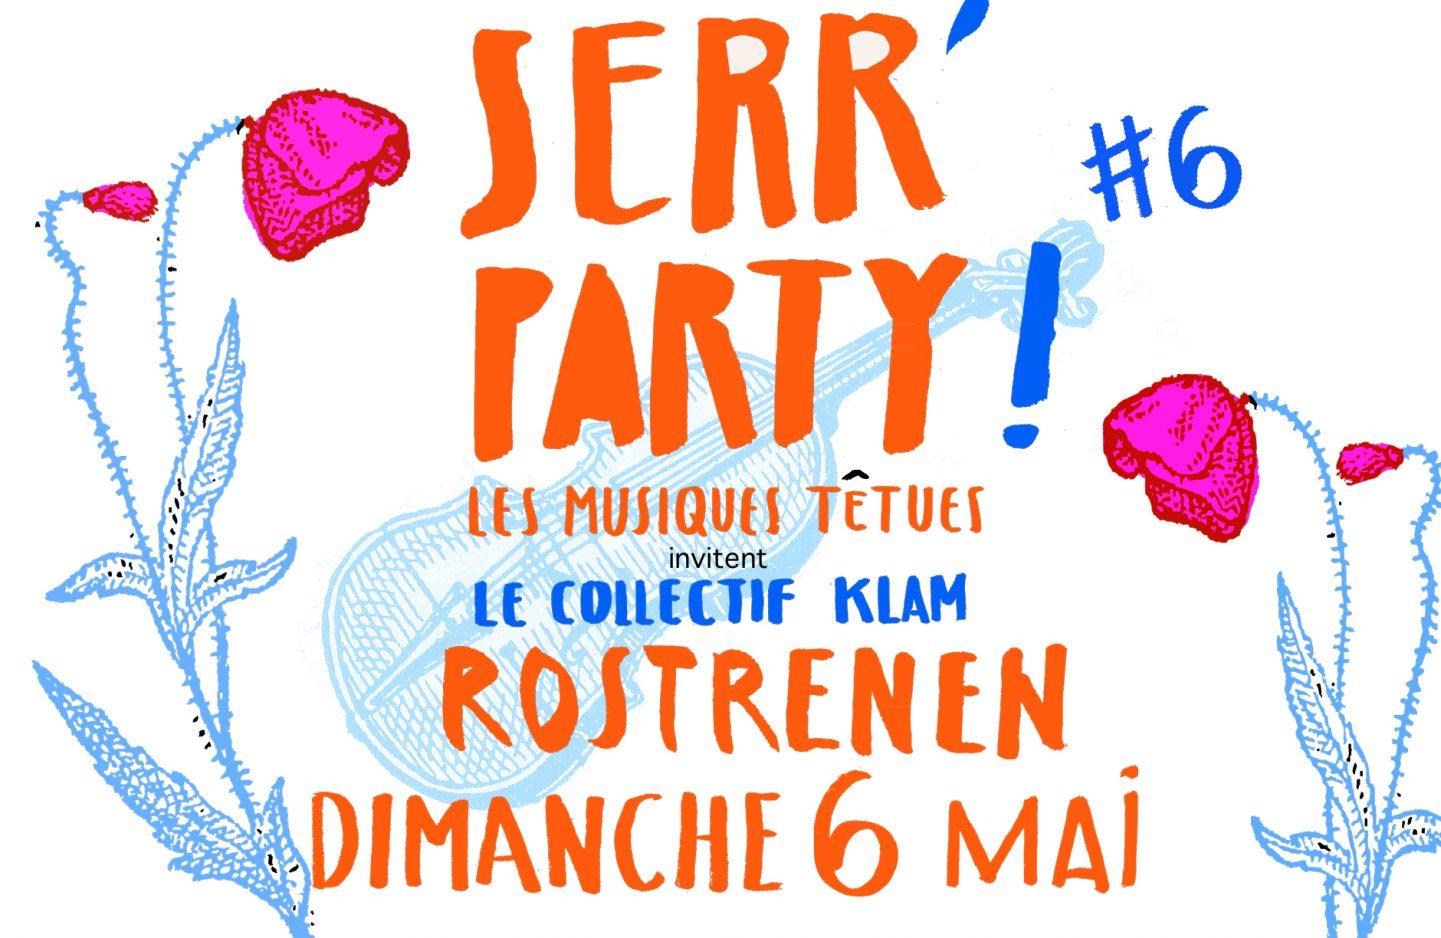 serr' party